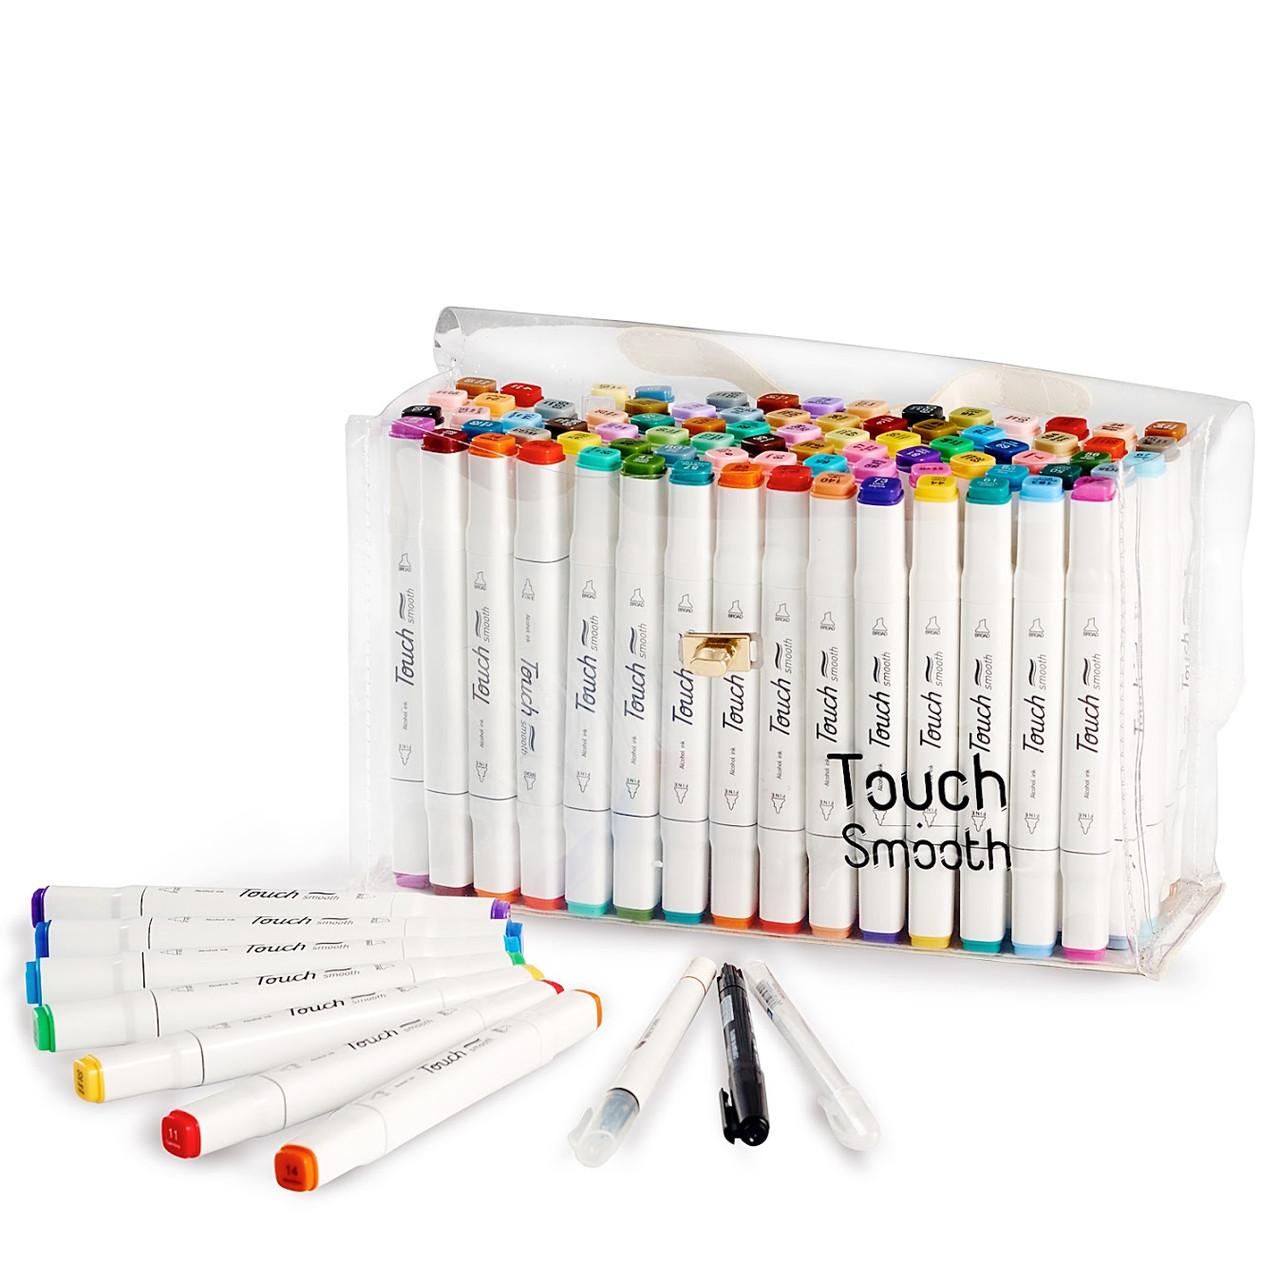 Набор двусторонних маркеров Touch Smooth для рисования и  скетчинга на спиртовой основе  60 штук